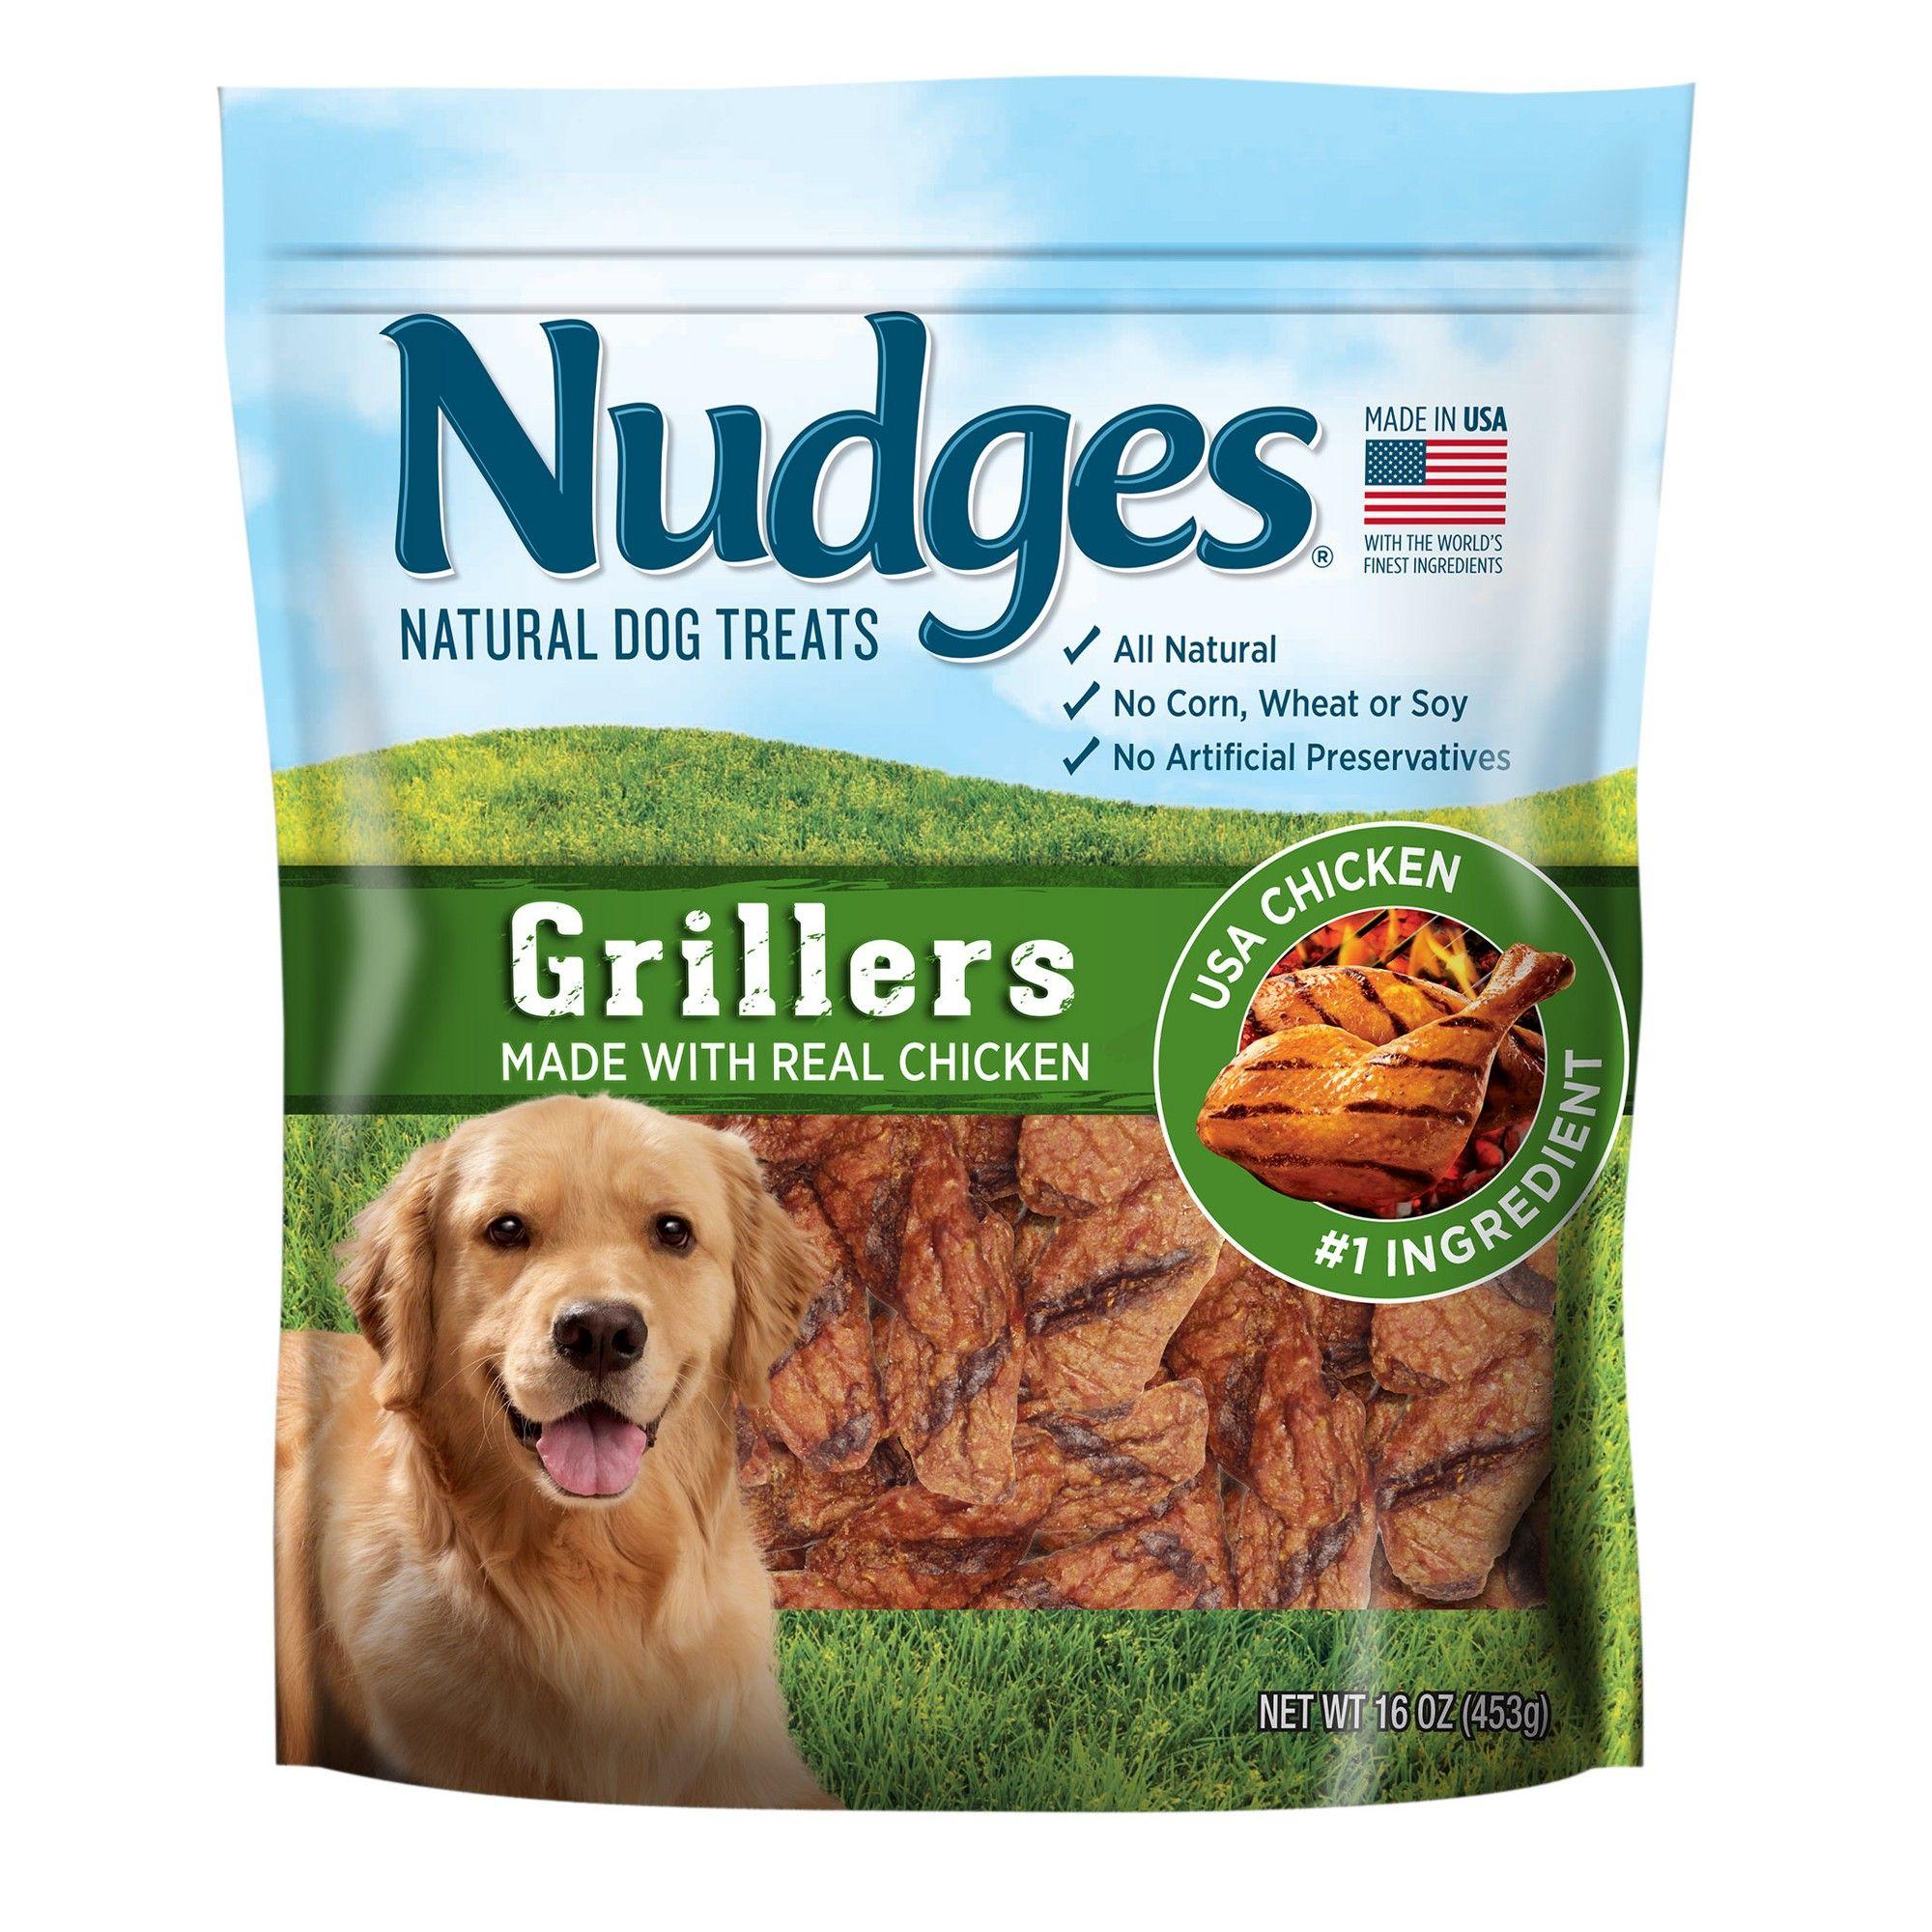 Nudges Natural Dog Treats Chicken Grillers 16oz Natural Dog